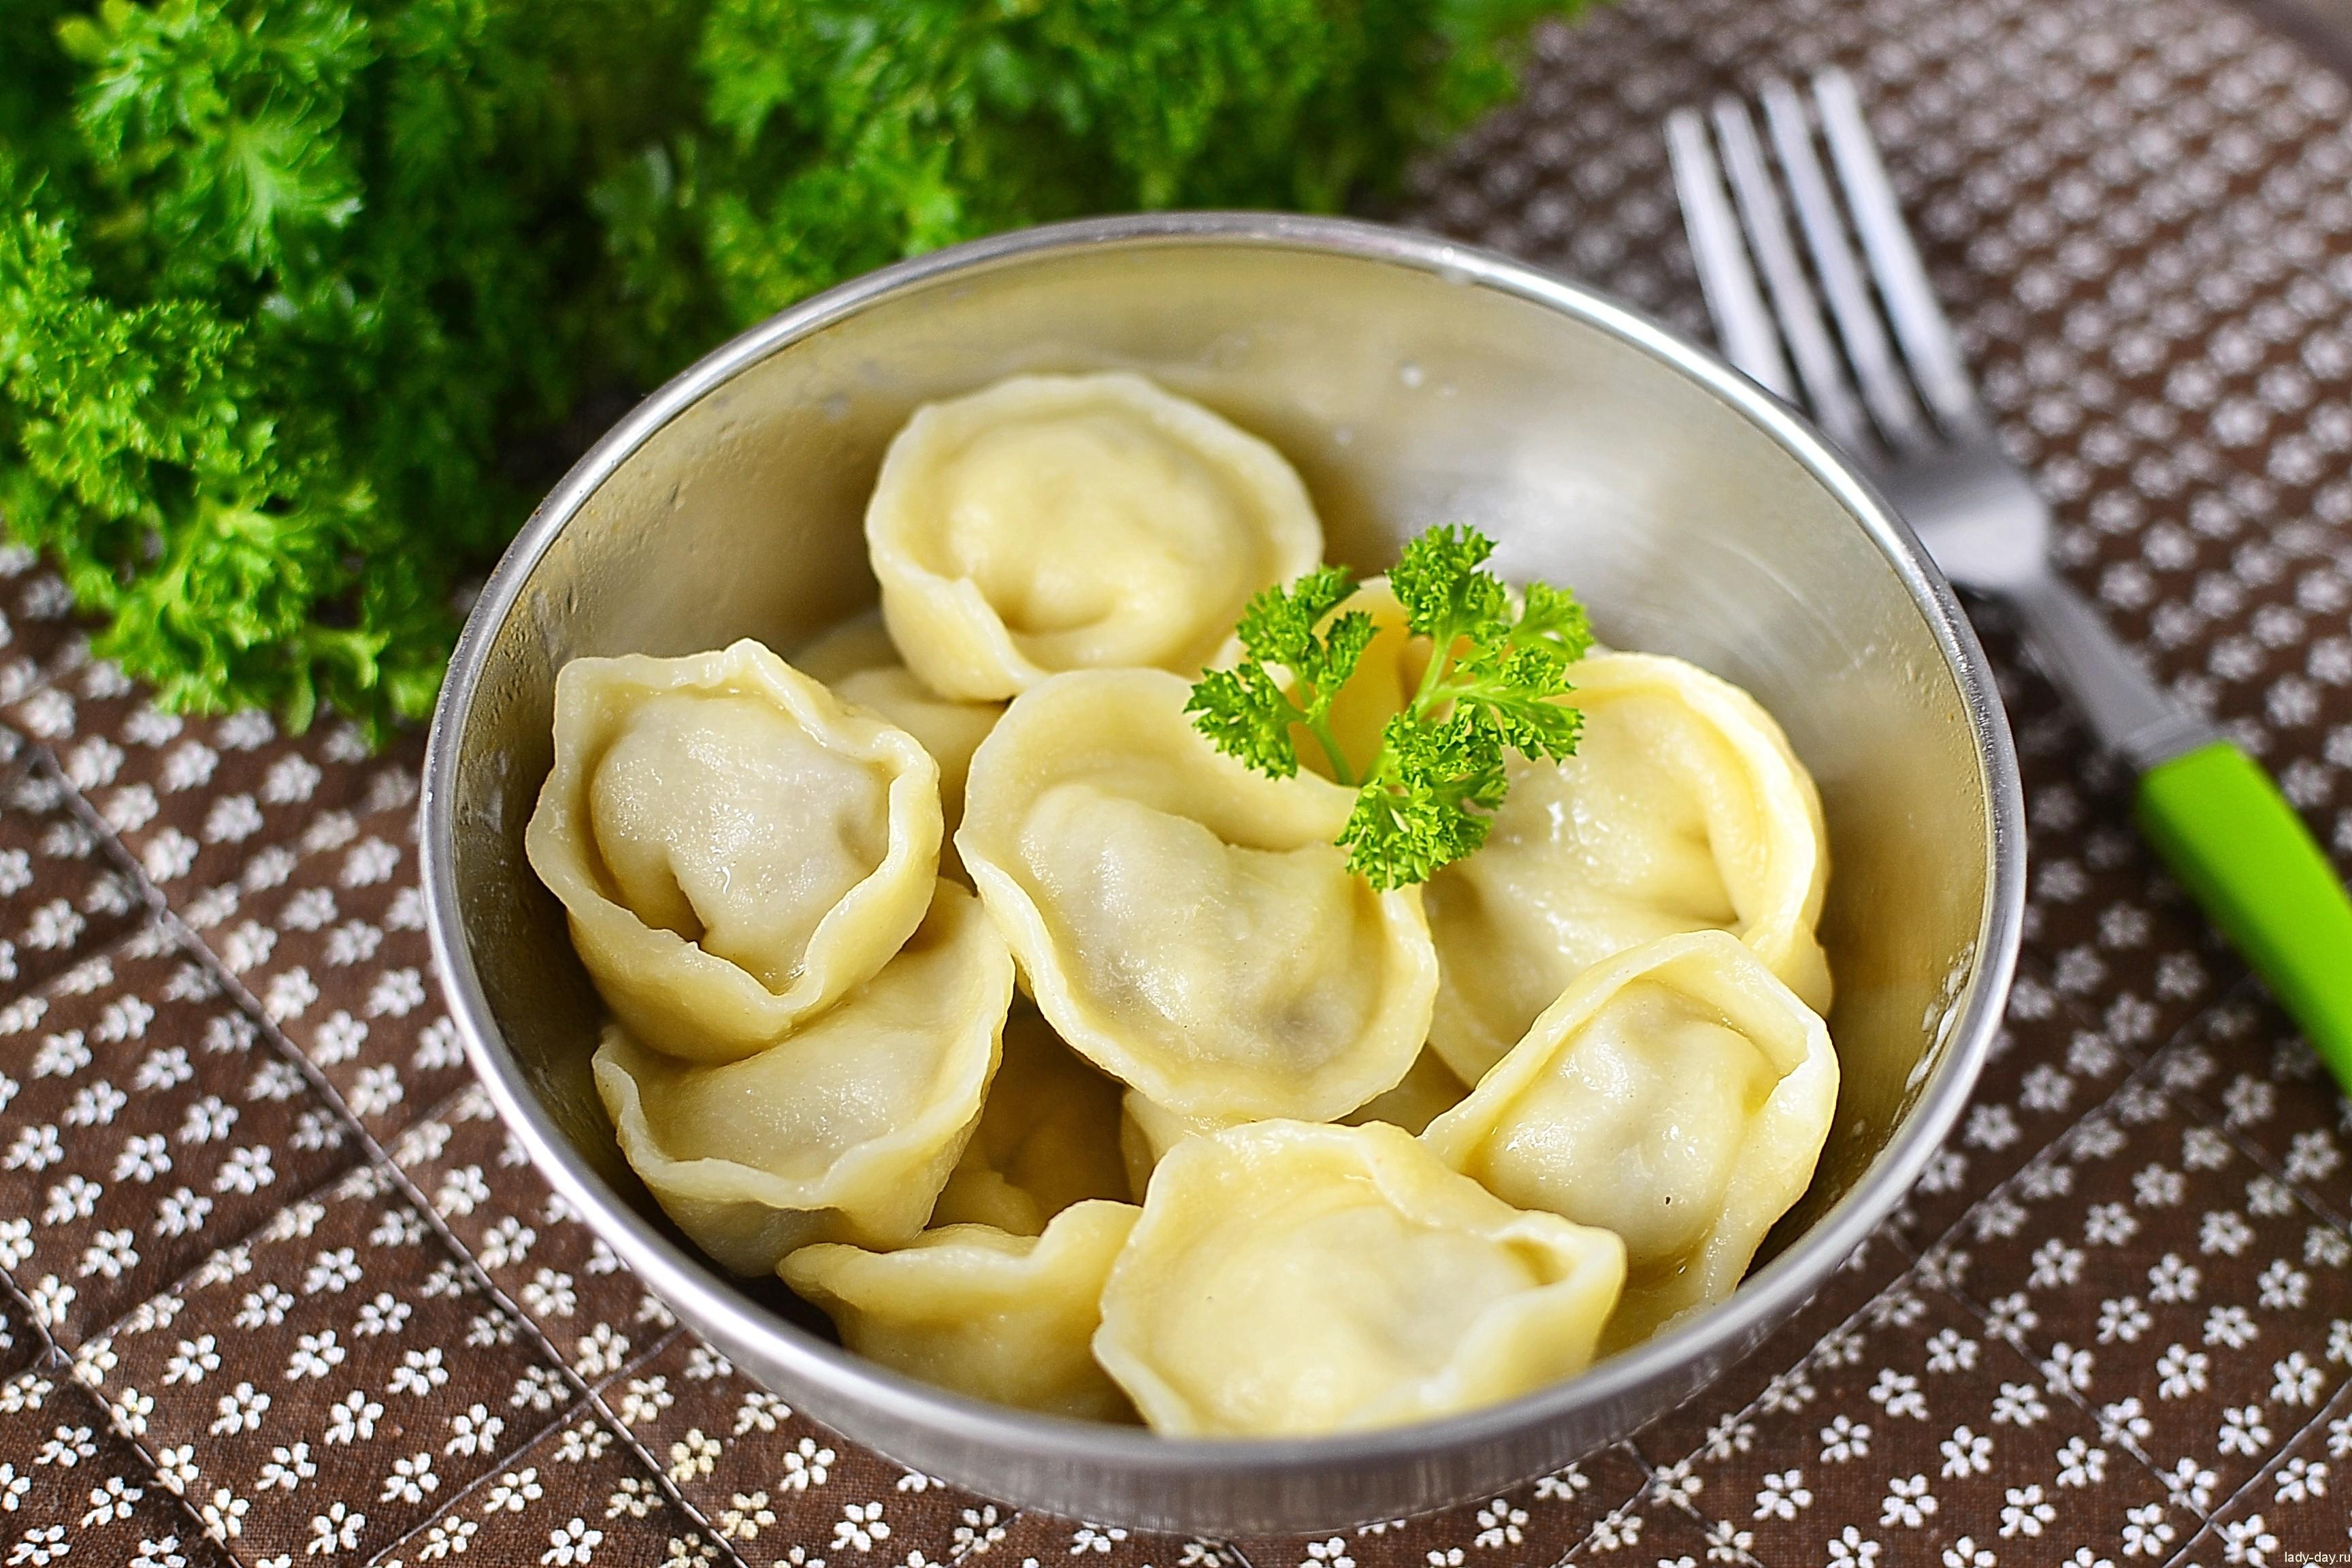 пельмени тесто рецепт приготовления в домашних